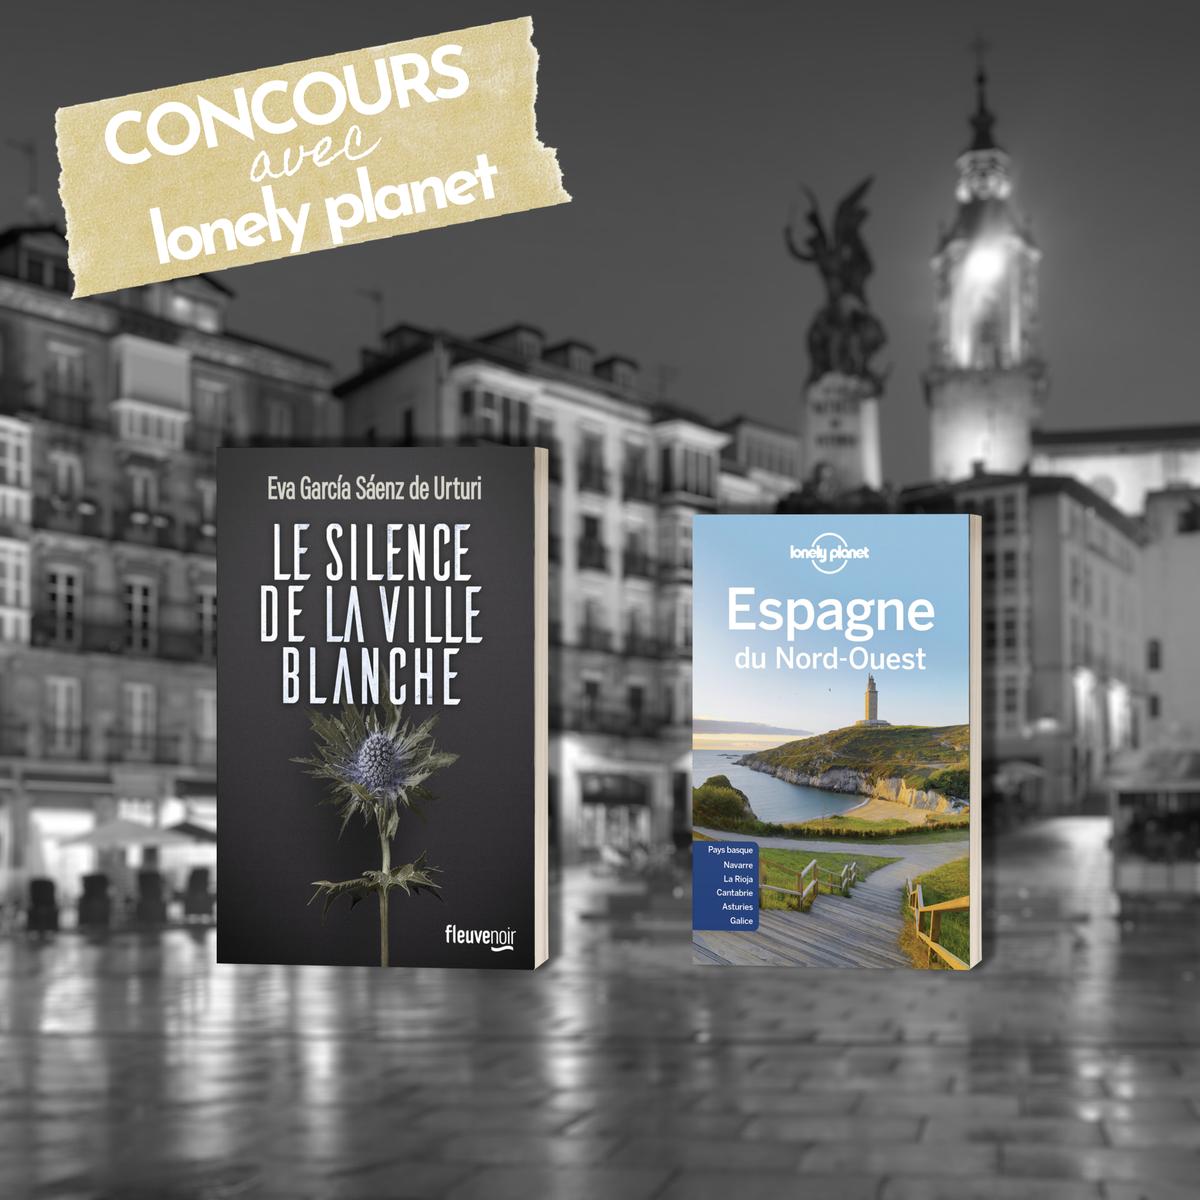 #CONCOURS Remportez #LeSilenceDeLaVilleBlanche d'Eva García Sáenz de Urturi + le guide Lonely Planet consacré à l'Espagne du Nord-Ouest où se situe l'intrigue du roman. Pour participer: ➡Vous abonner à @Fleuve_Editions et @lonelyplanetfr  ➡RT Fin du concours le 9/08 à 00h00